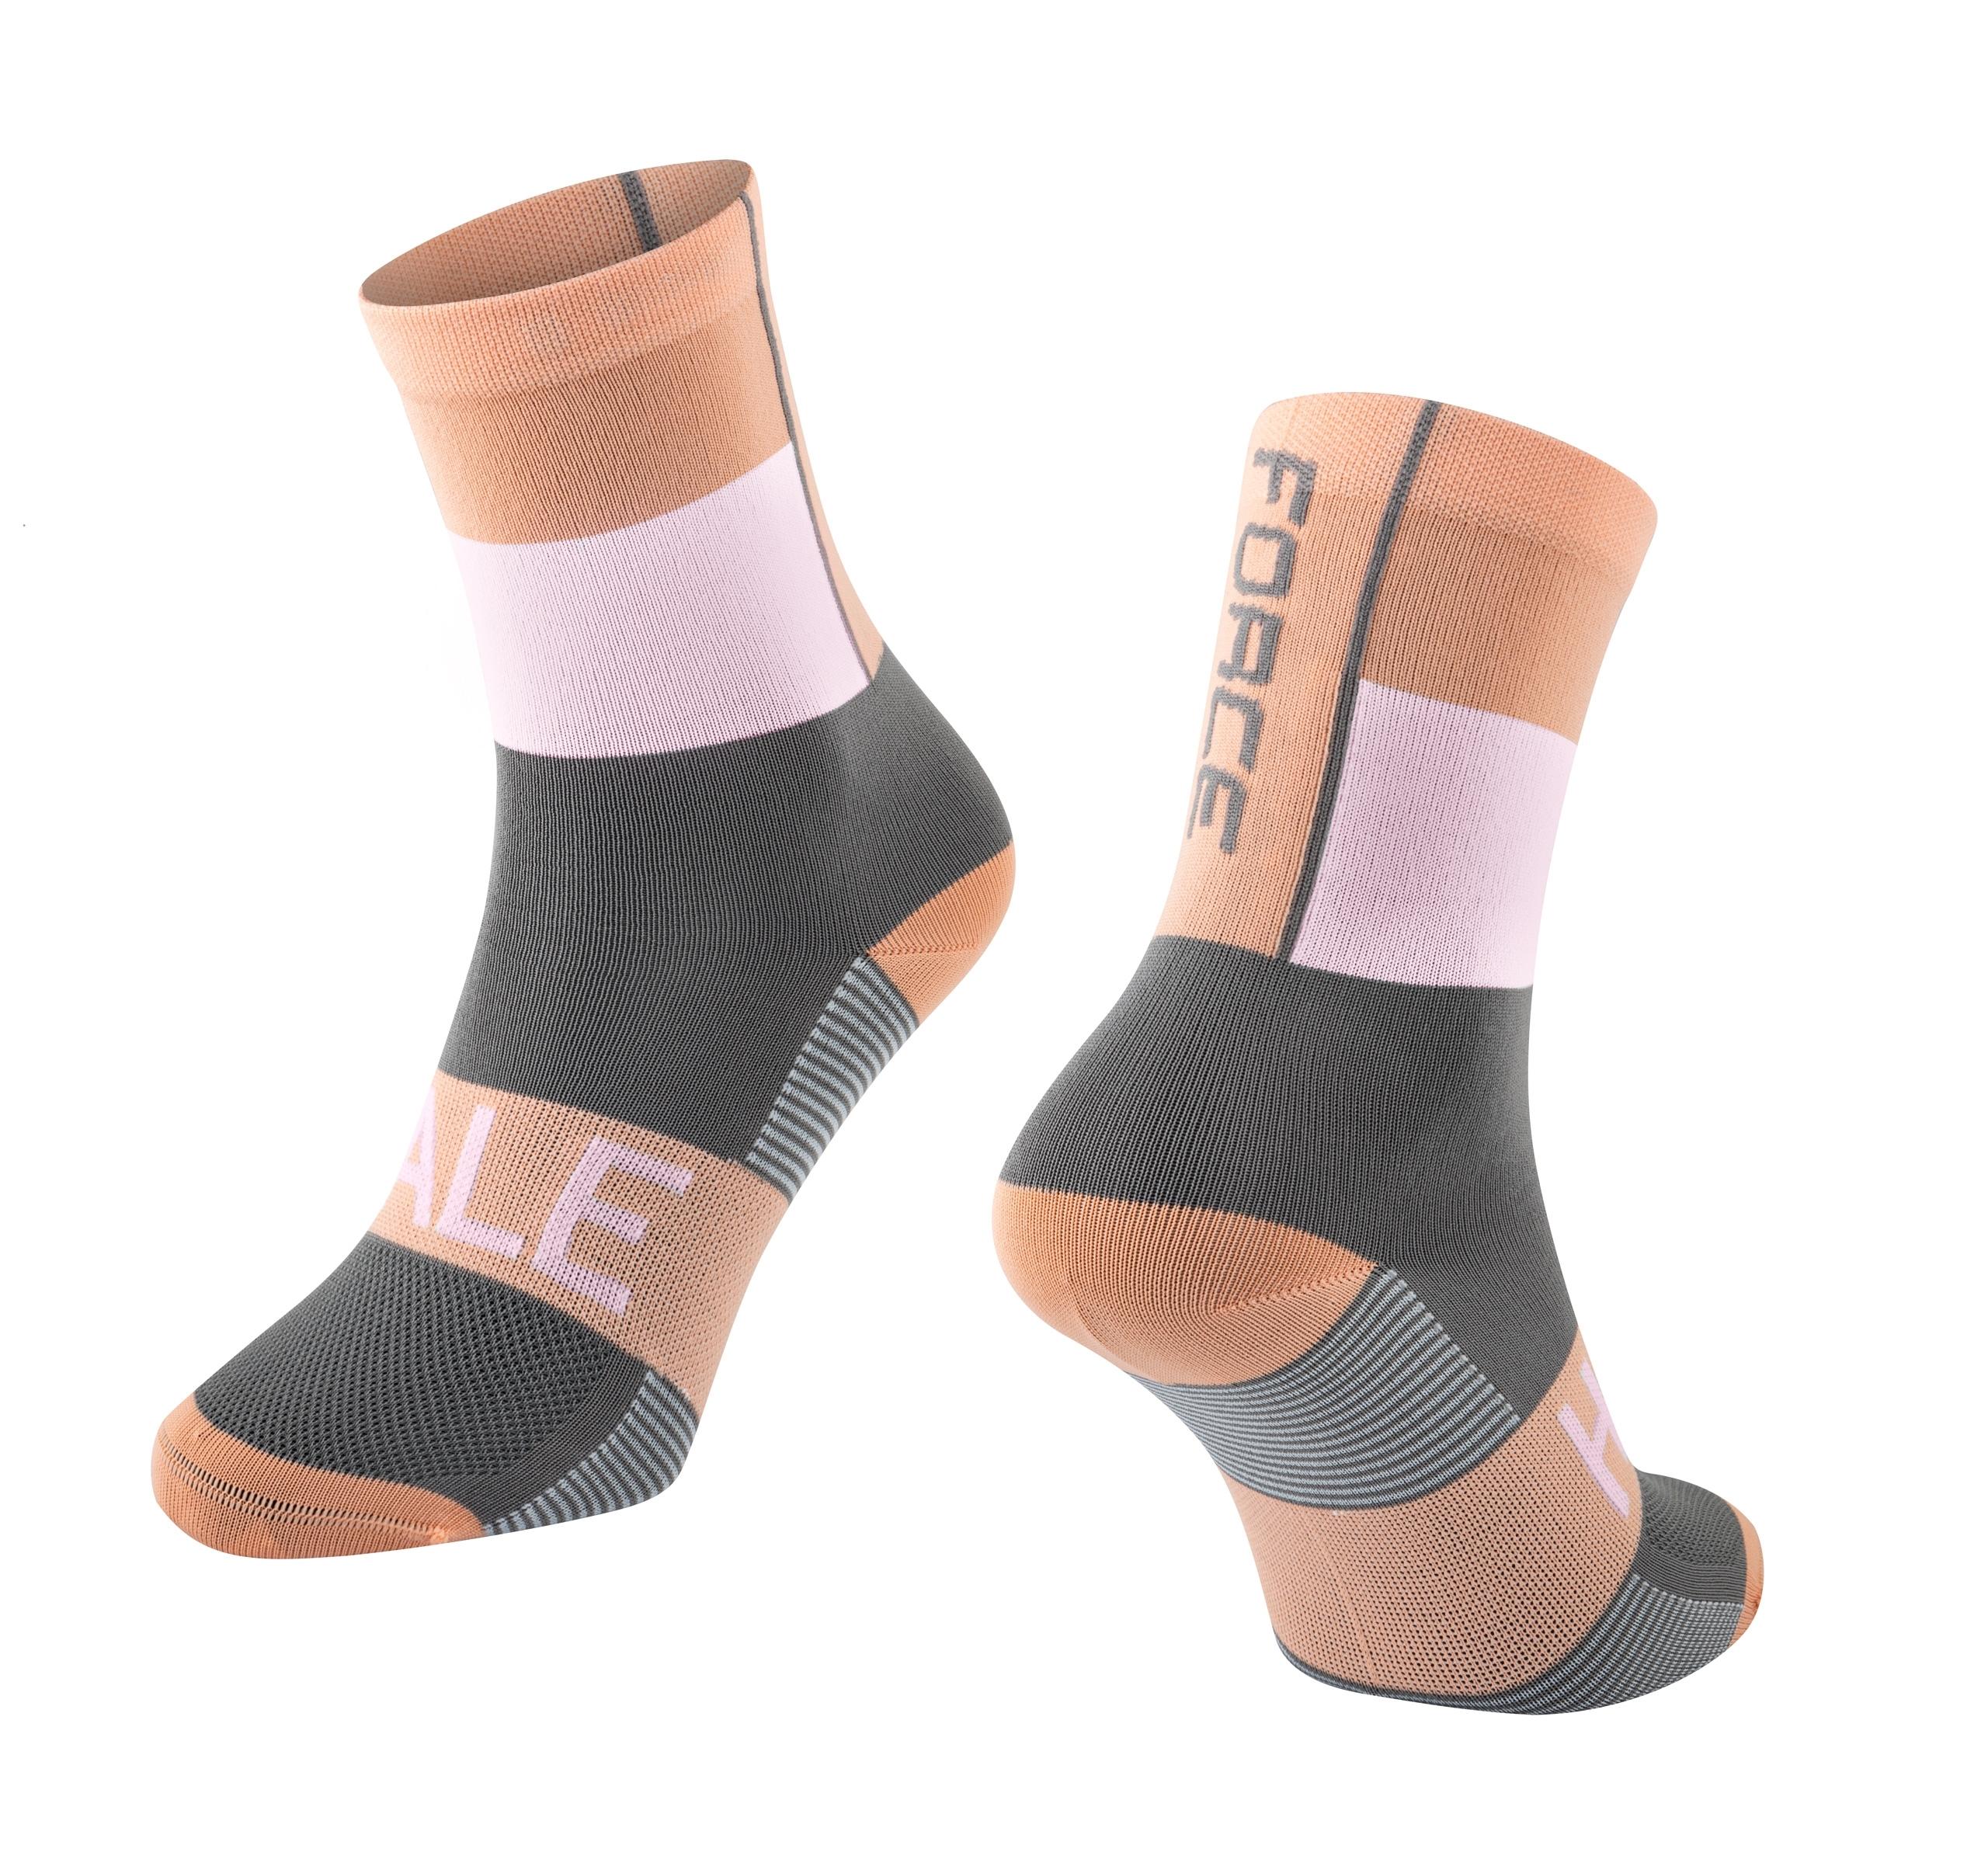 ponožky FORCE HALE, oranžovo-bílo-šedé S-M/36-41